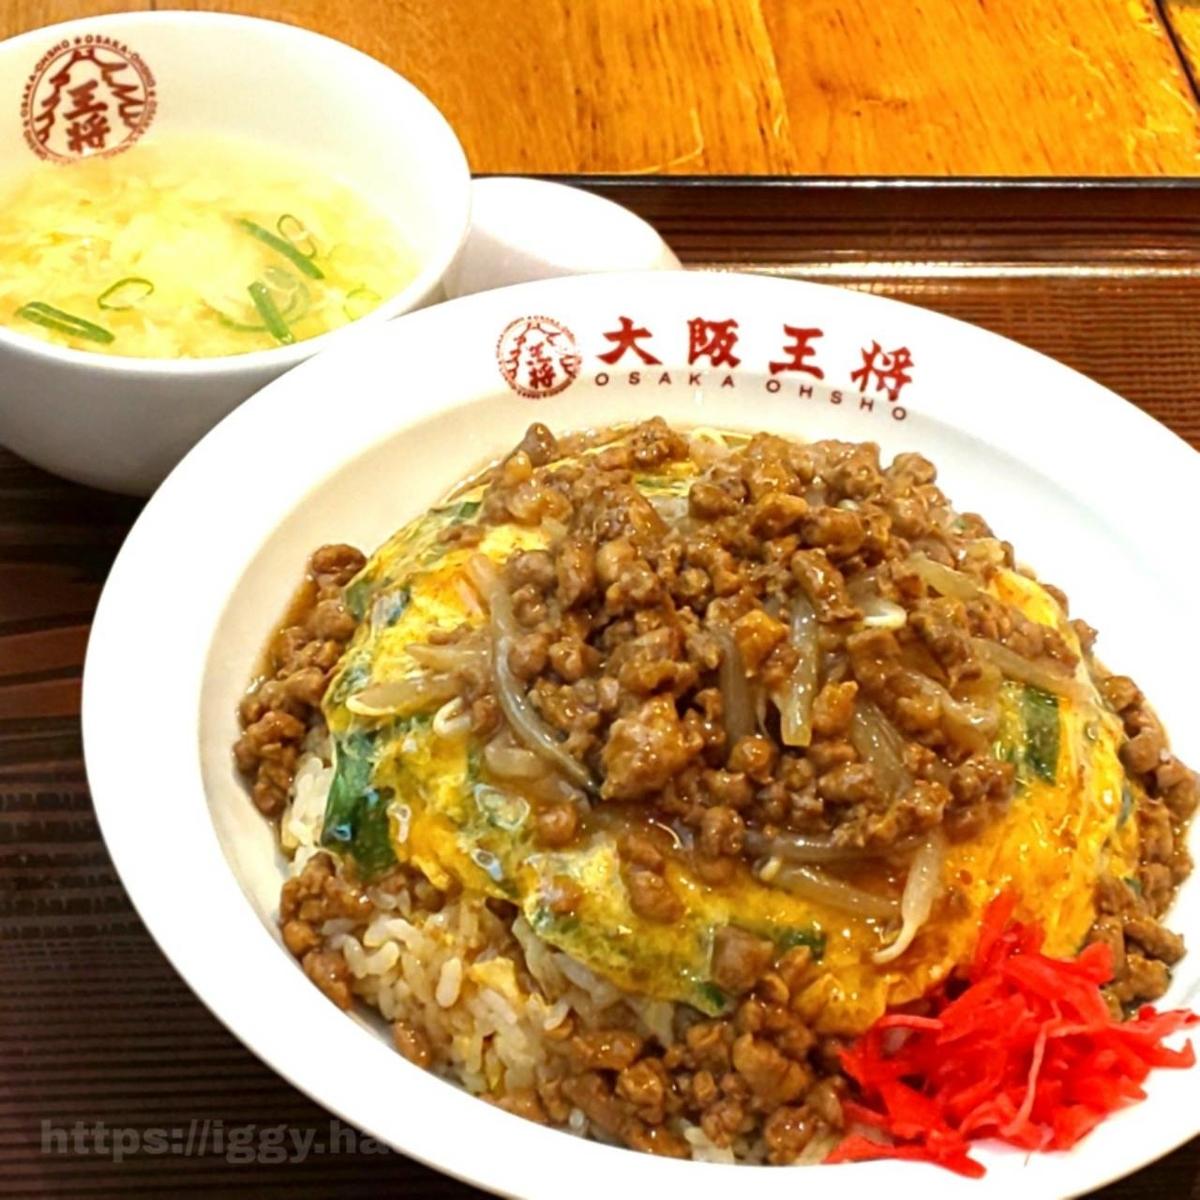 大阪王将 肉あんかけニラ玉炒飯 iggy2019